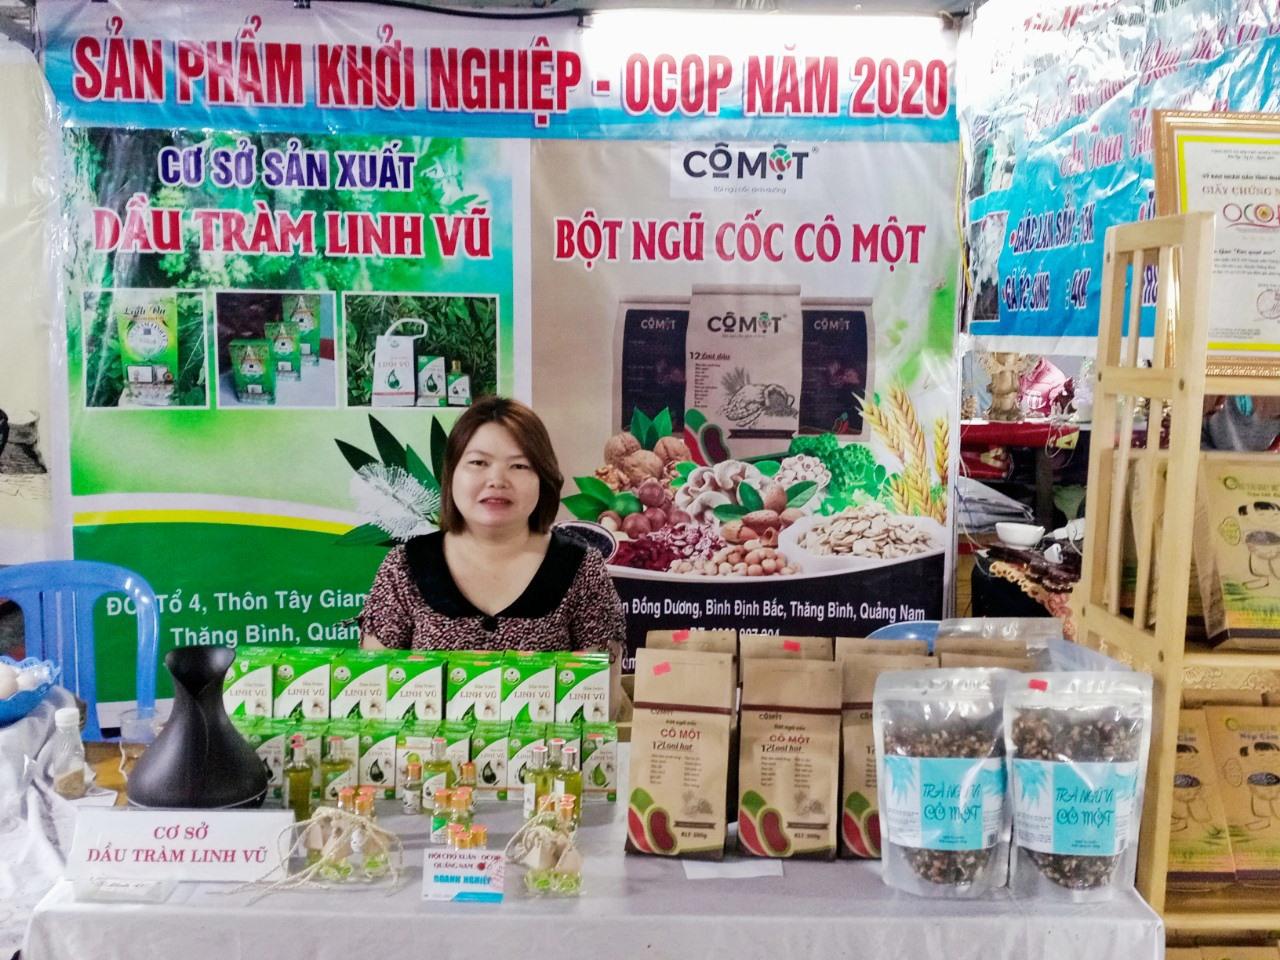 Sản phẩm tinh dầu tràm Linh Vũ của chị Bùi Thị Nguyệt (Thăng Bình) được công nhận sản phẩm OCOP cấp tỉnh 3 sao. Ảnh: H.LIÊN